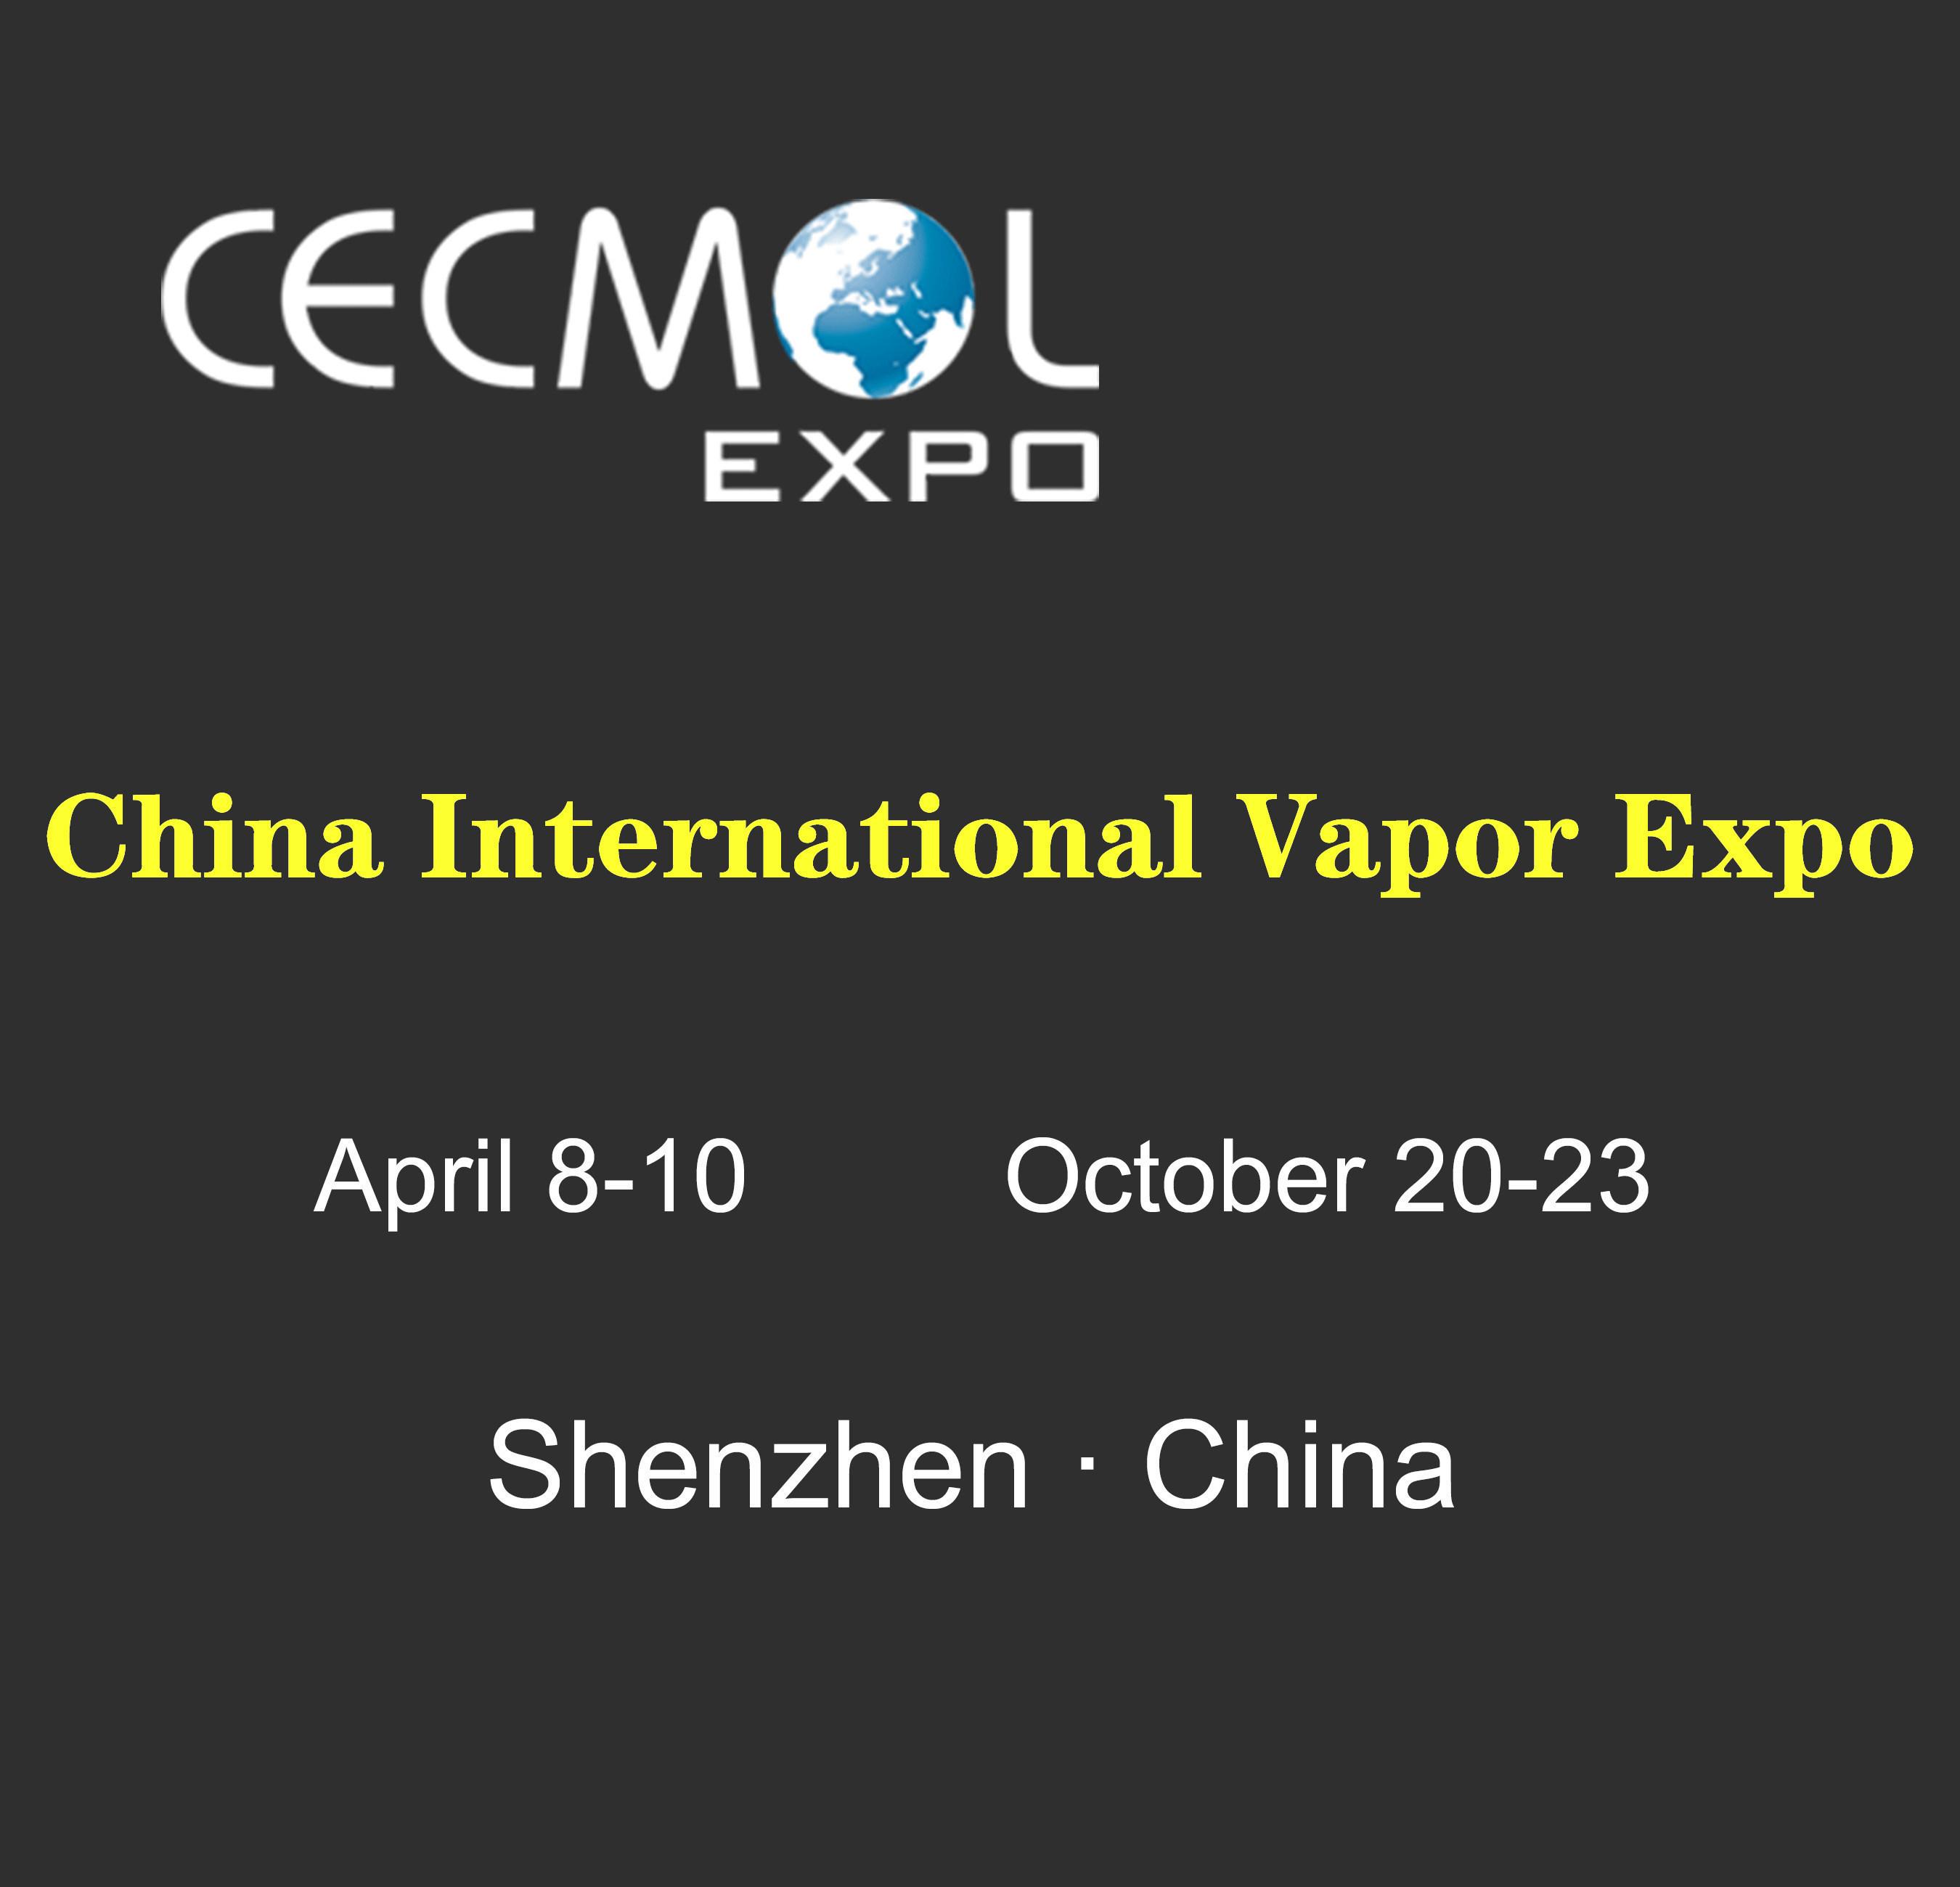 Die 2. CECMOL China International Vapor Expo findet diesen Oktober in Shenzhen statt